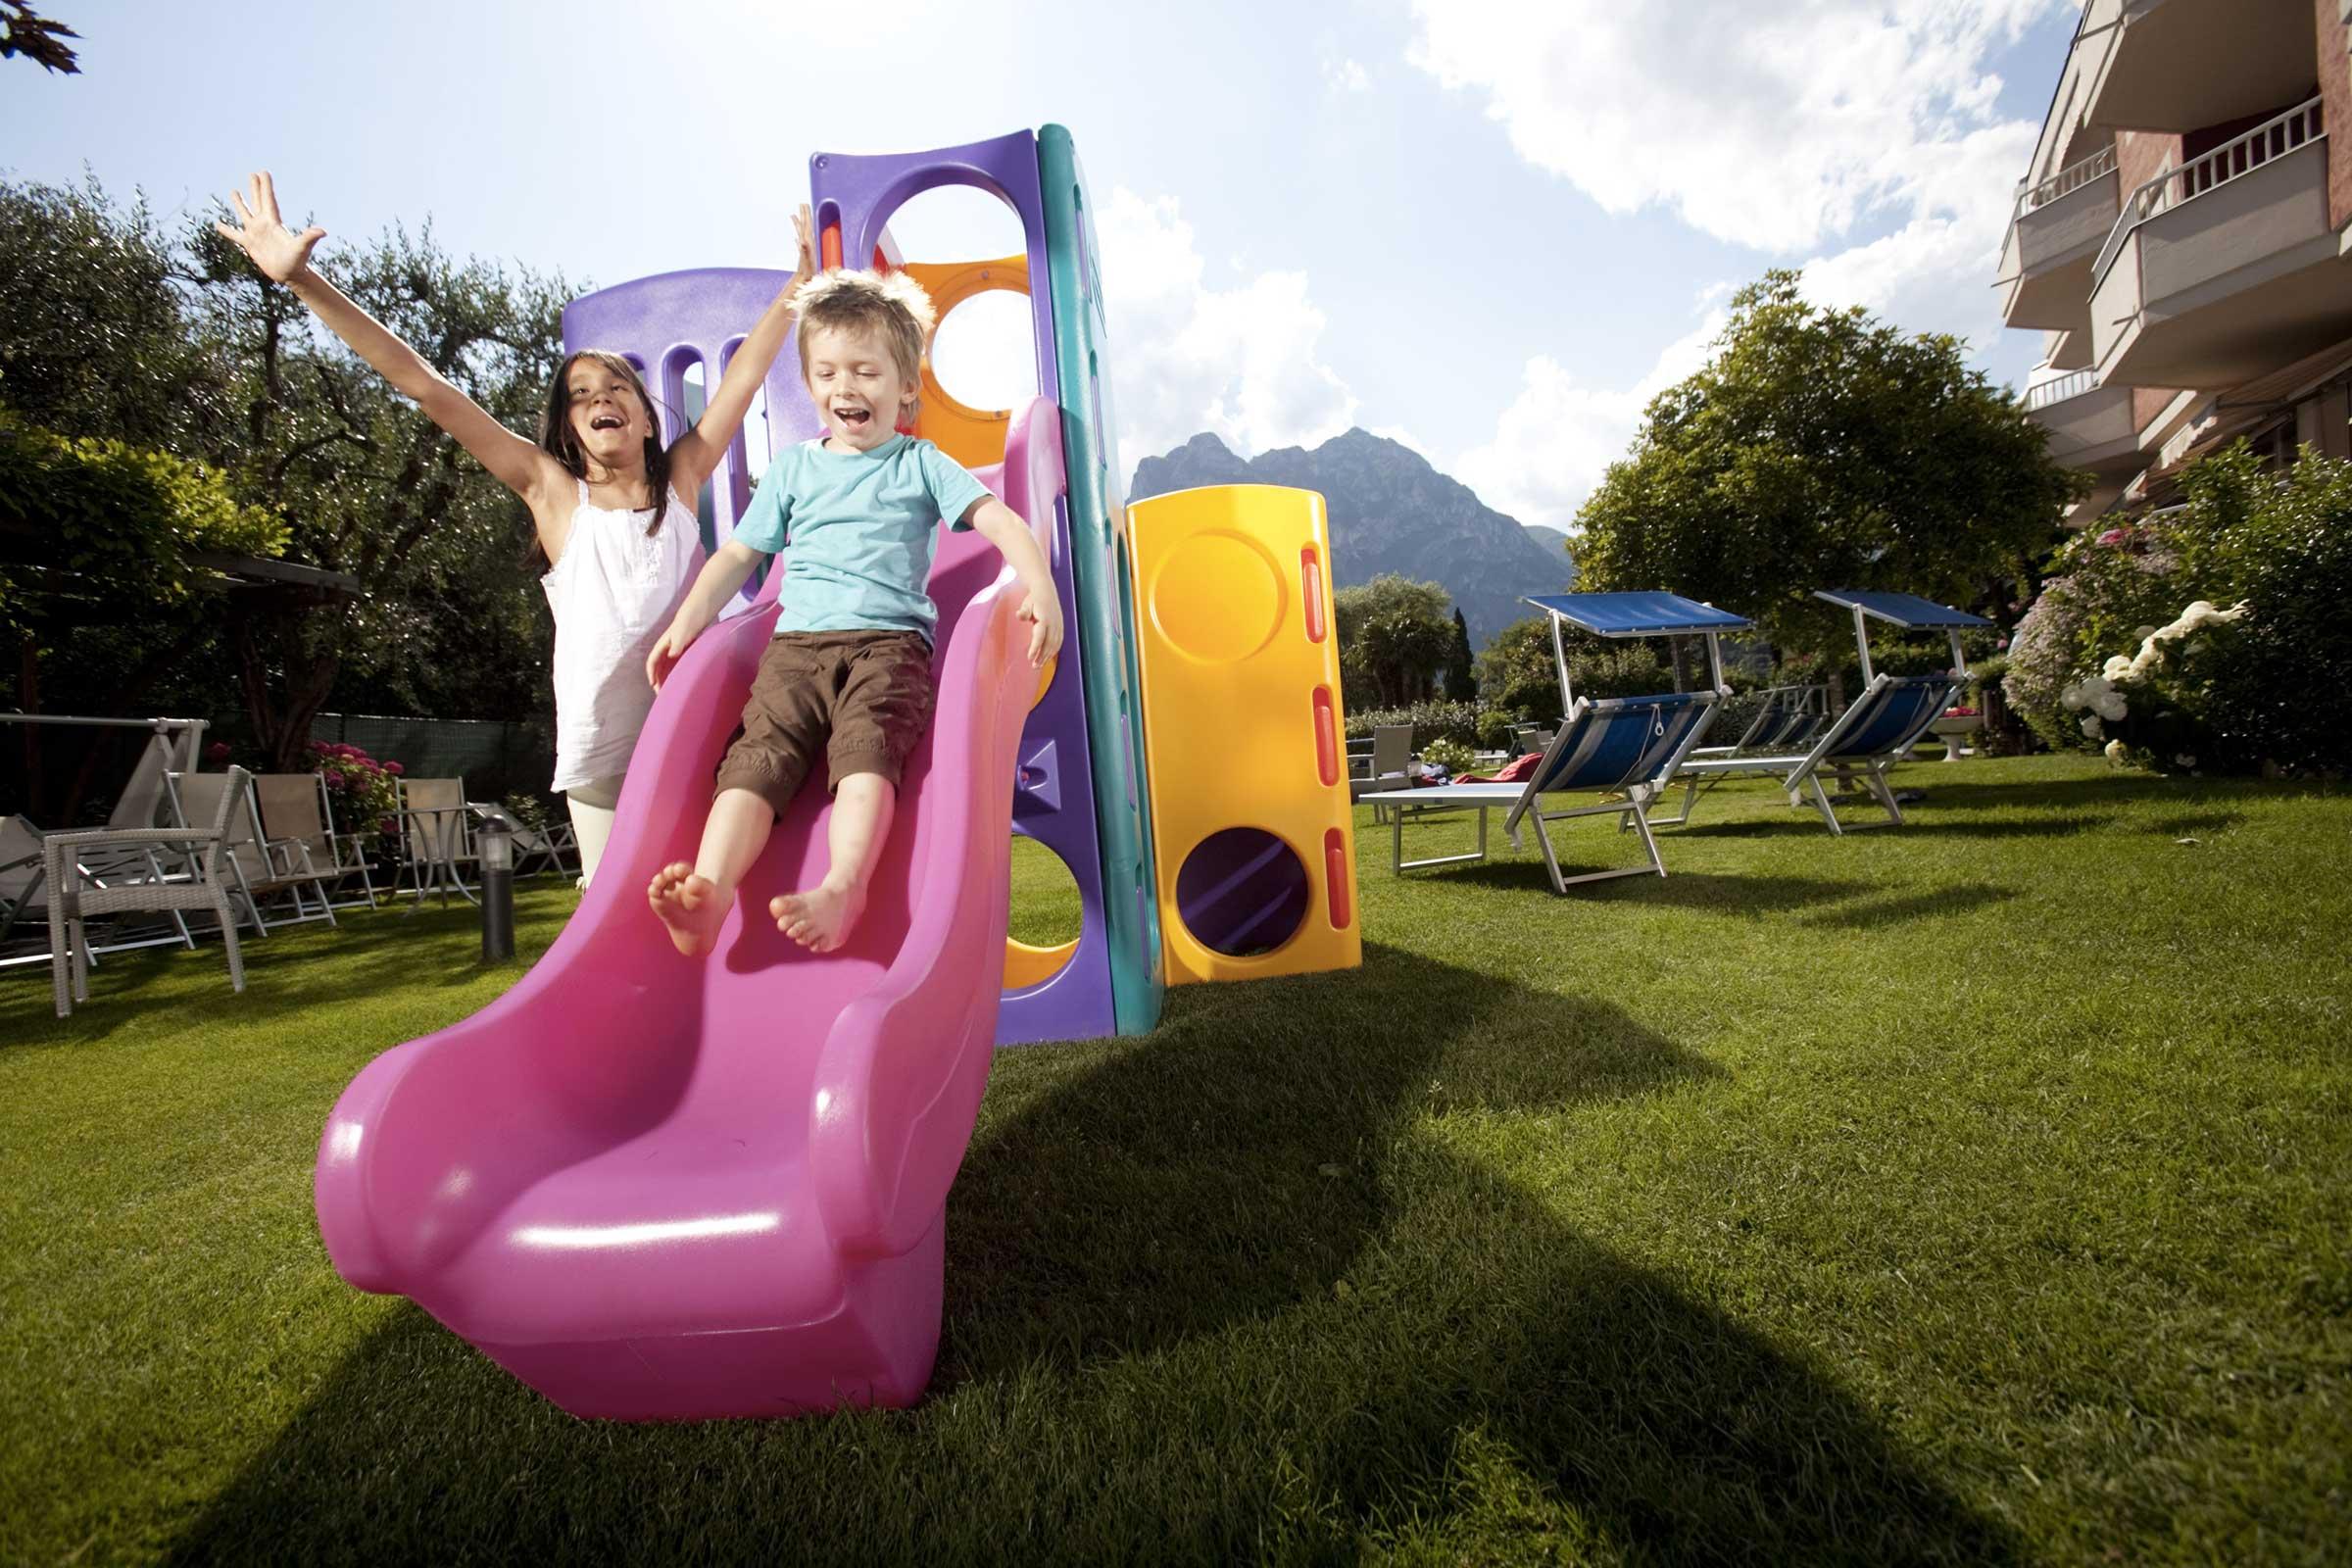 Familienurlaub am Gardasee: Der ideale Urlaub mit Kindern